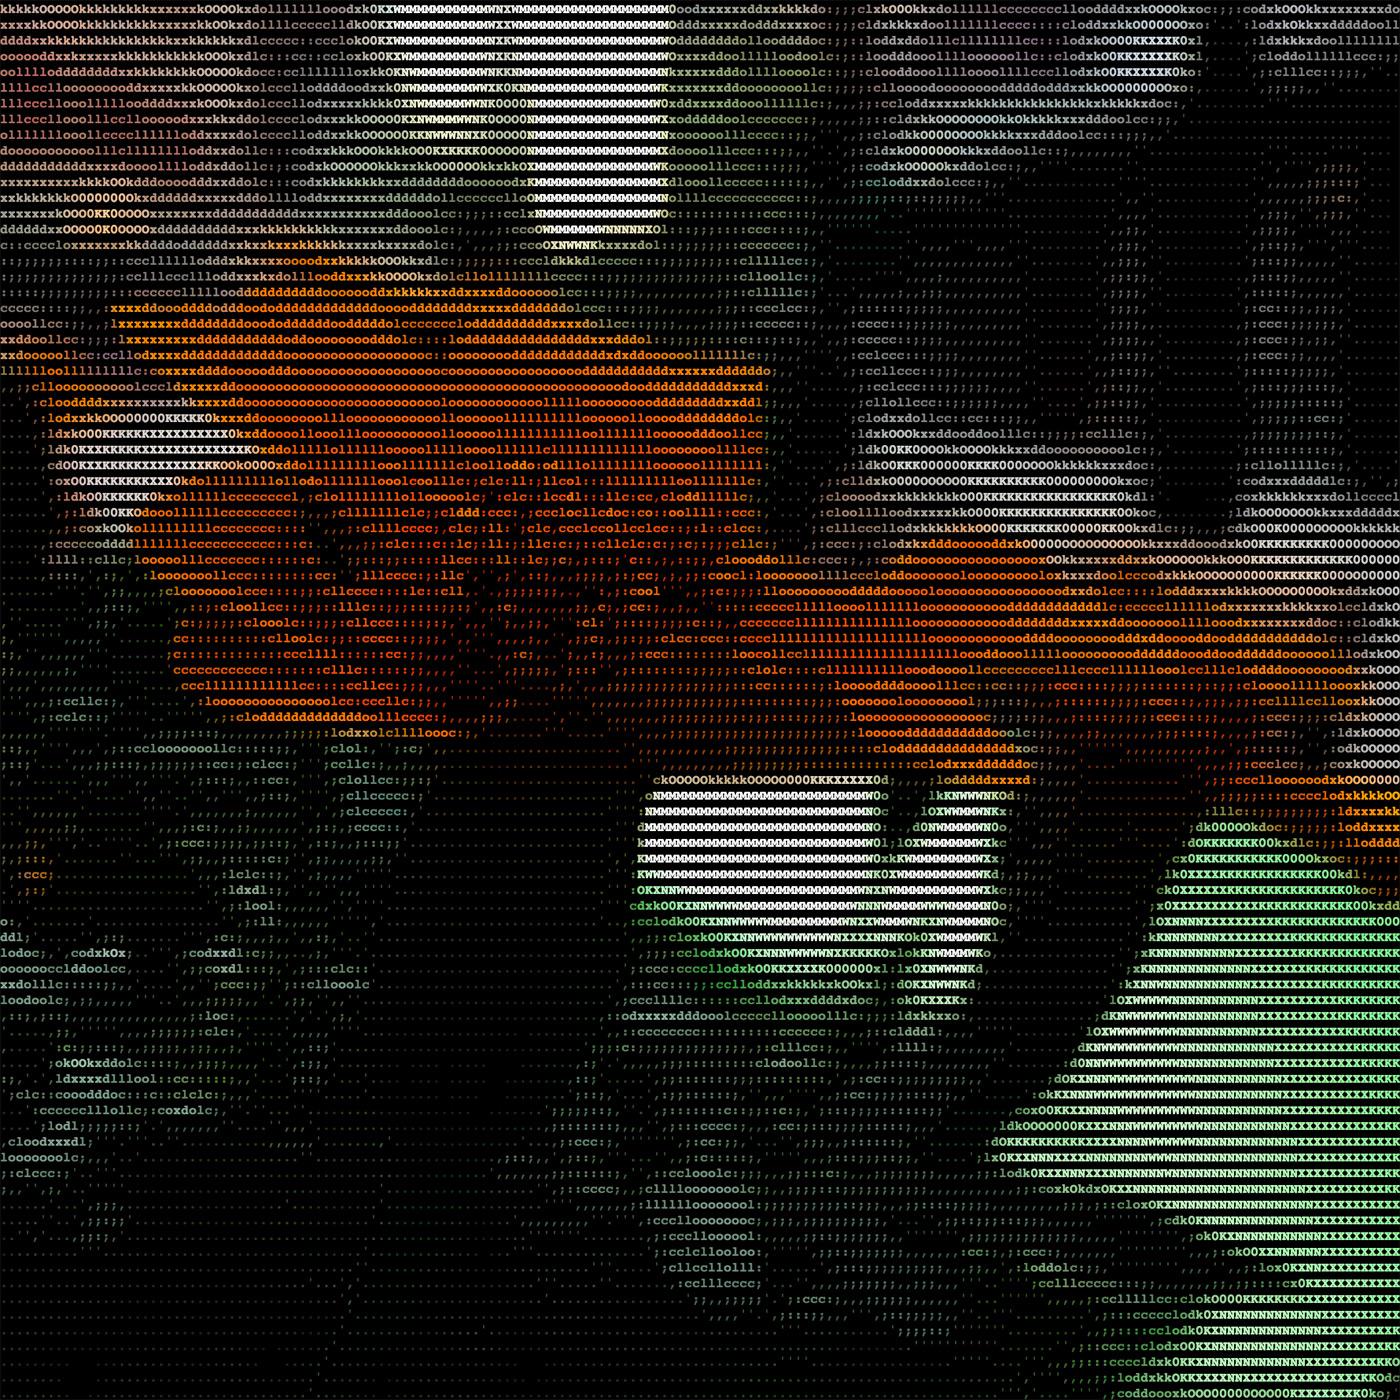 Instagram flower shot turned into ASCII art